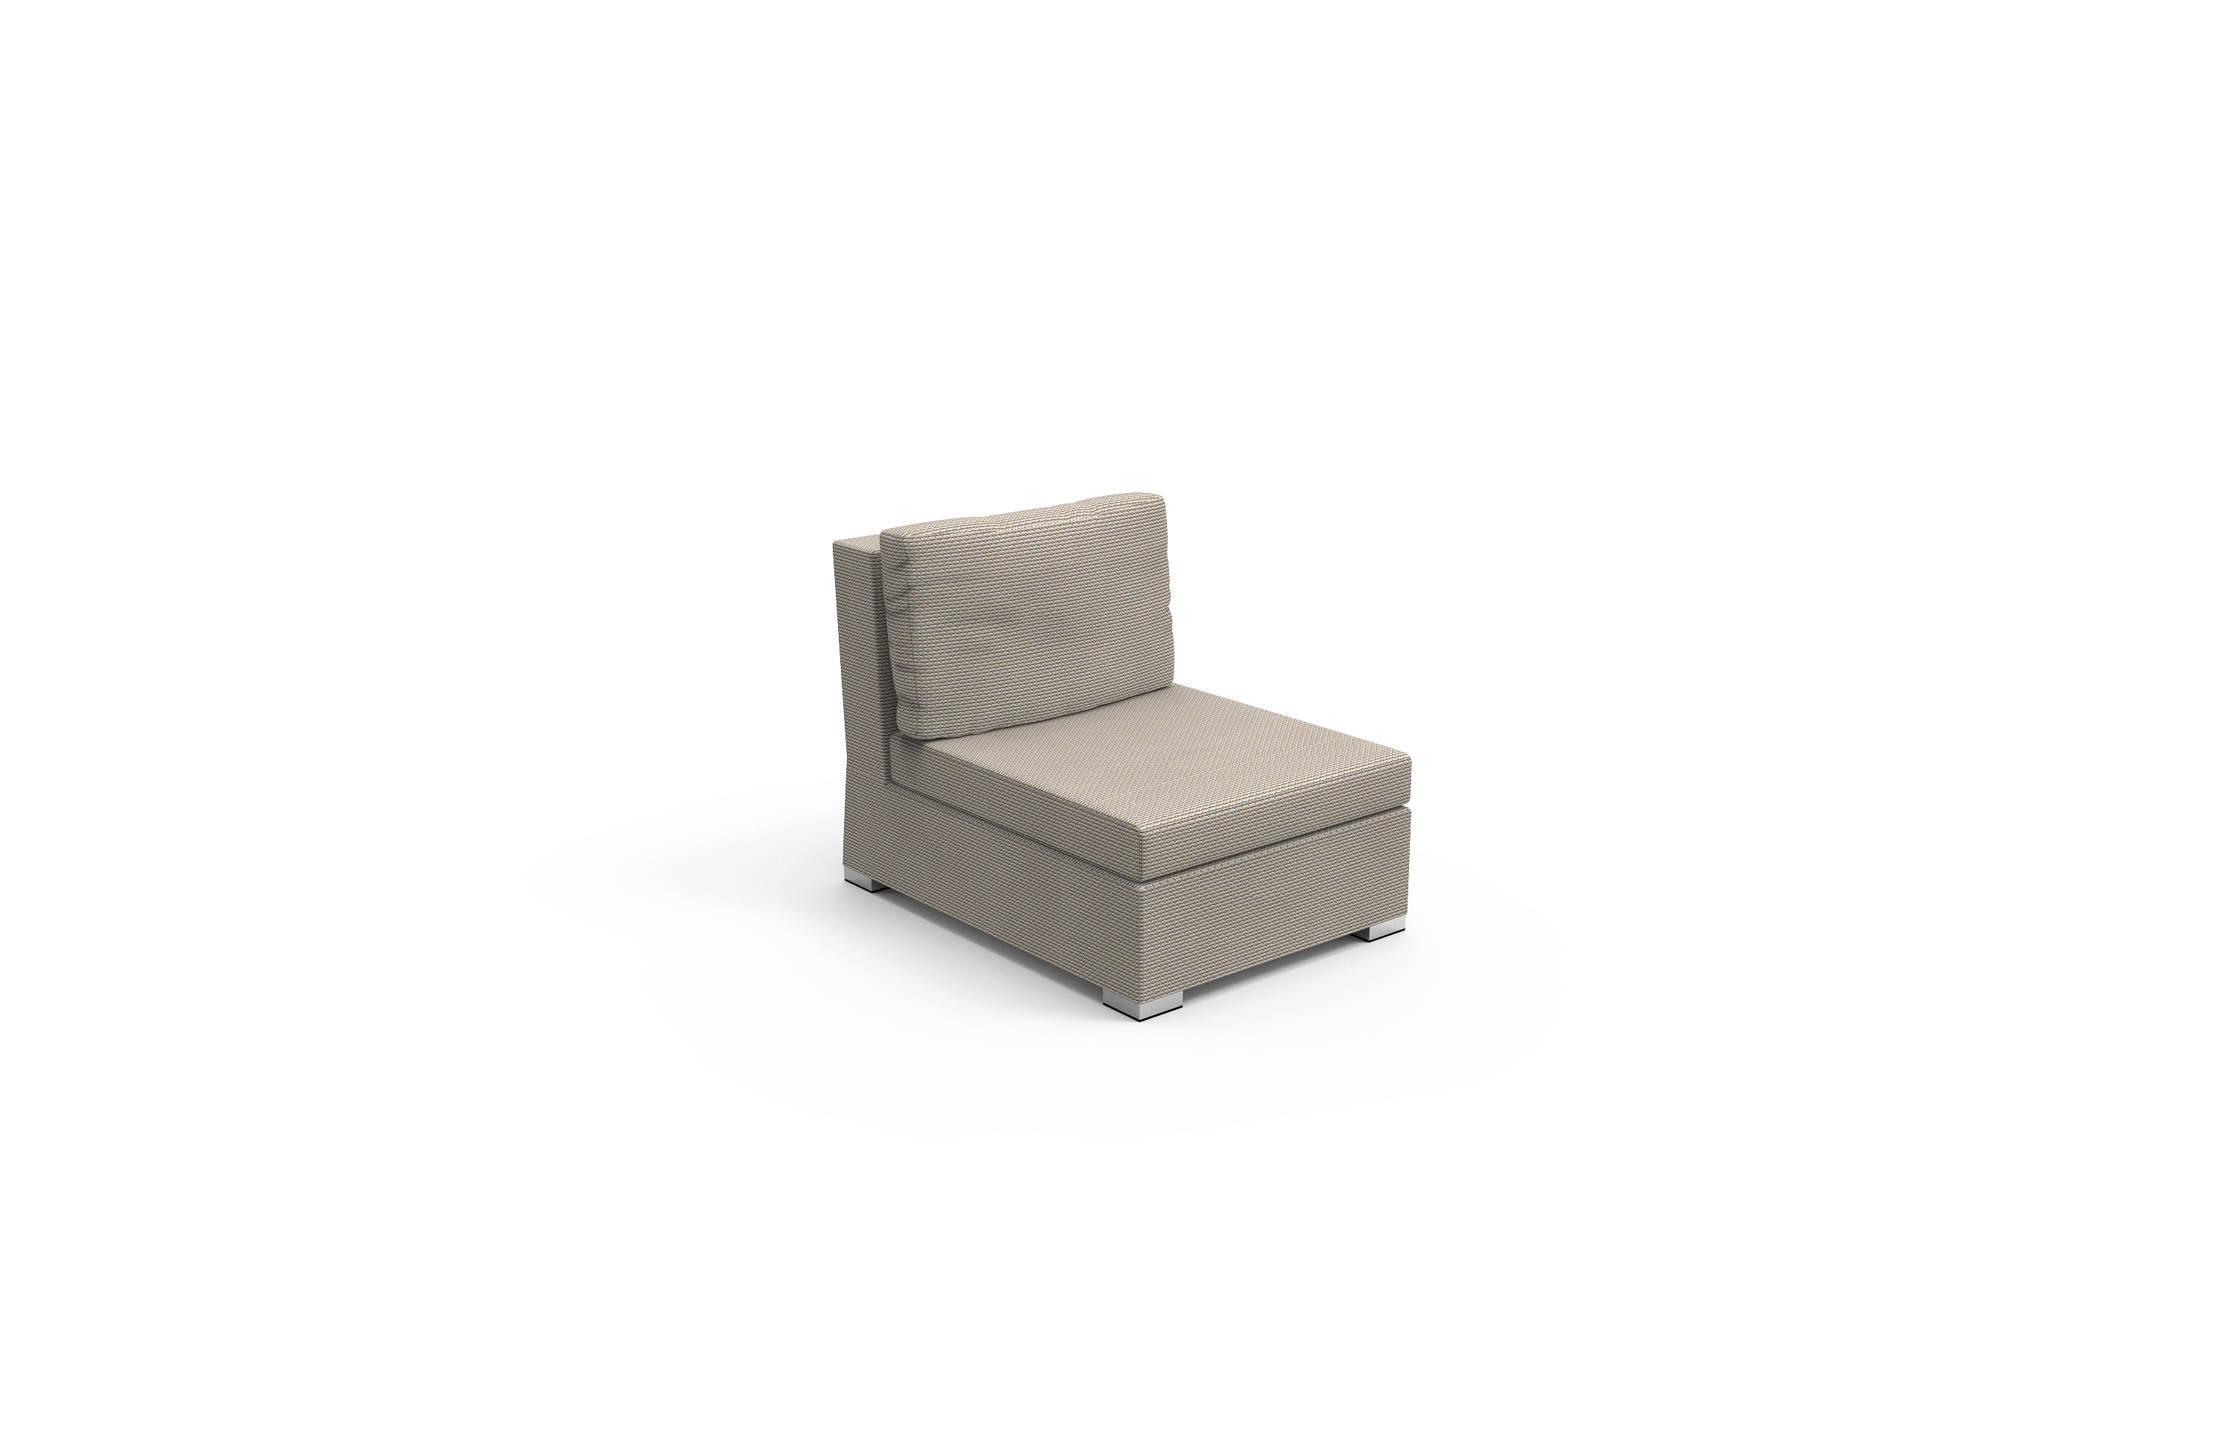 Noleggio Divani Da Giardino.Vivereverde Cover Sofa Cx Chiccollection Divani Da Esterno Trova